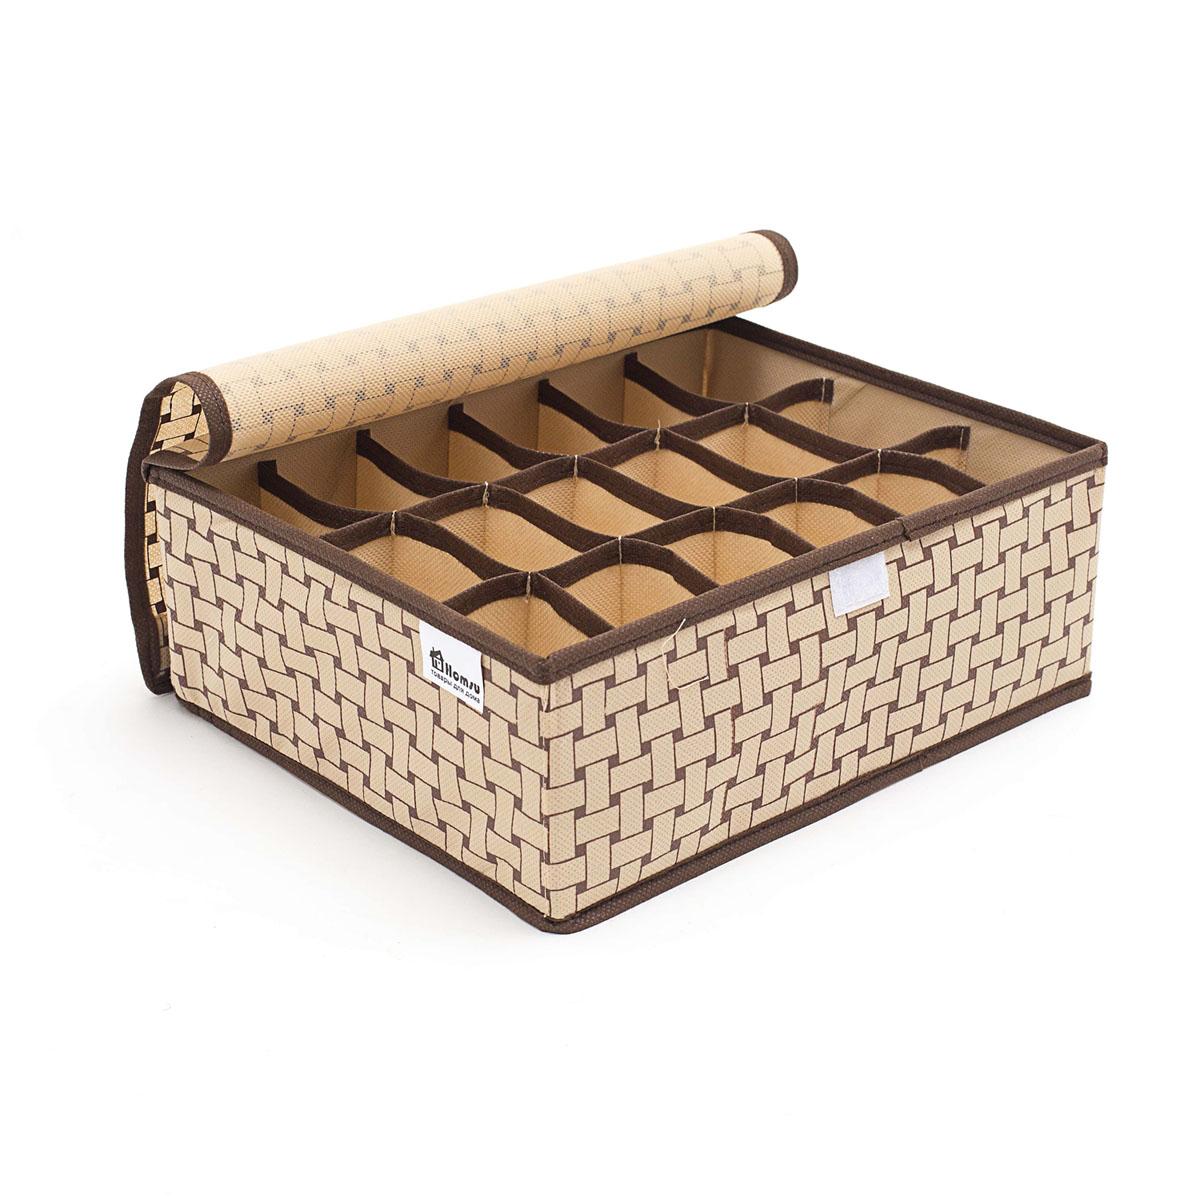 Органайзер для хранения вещей Homsu Pletenka, 18 секций, 31 х 24 х 11 смHOM-302Компактный складной органайзер Homsu Pletenka изготовлен из высококачественного полиэстера, который обеспечивает естественную вентиляцию. Материал позволяет воздуху свободно проникать внутрь, но не пропускает пыль. Органайзер отлично держит форму, благодаря вставкам из плотного картона. Изделие имеет 18 квадратных секций для хранения нижнего белья, колготок, носков и другой одежды.Такой органайзер позволит вам хранить вещи компактно и удобно, а оригинальный дизайн сделает вашу гардеробную красивой и невероятно стильной.